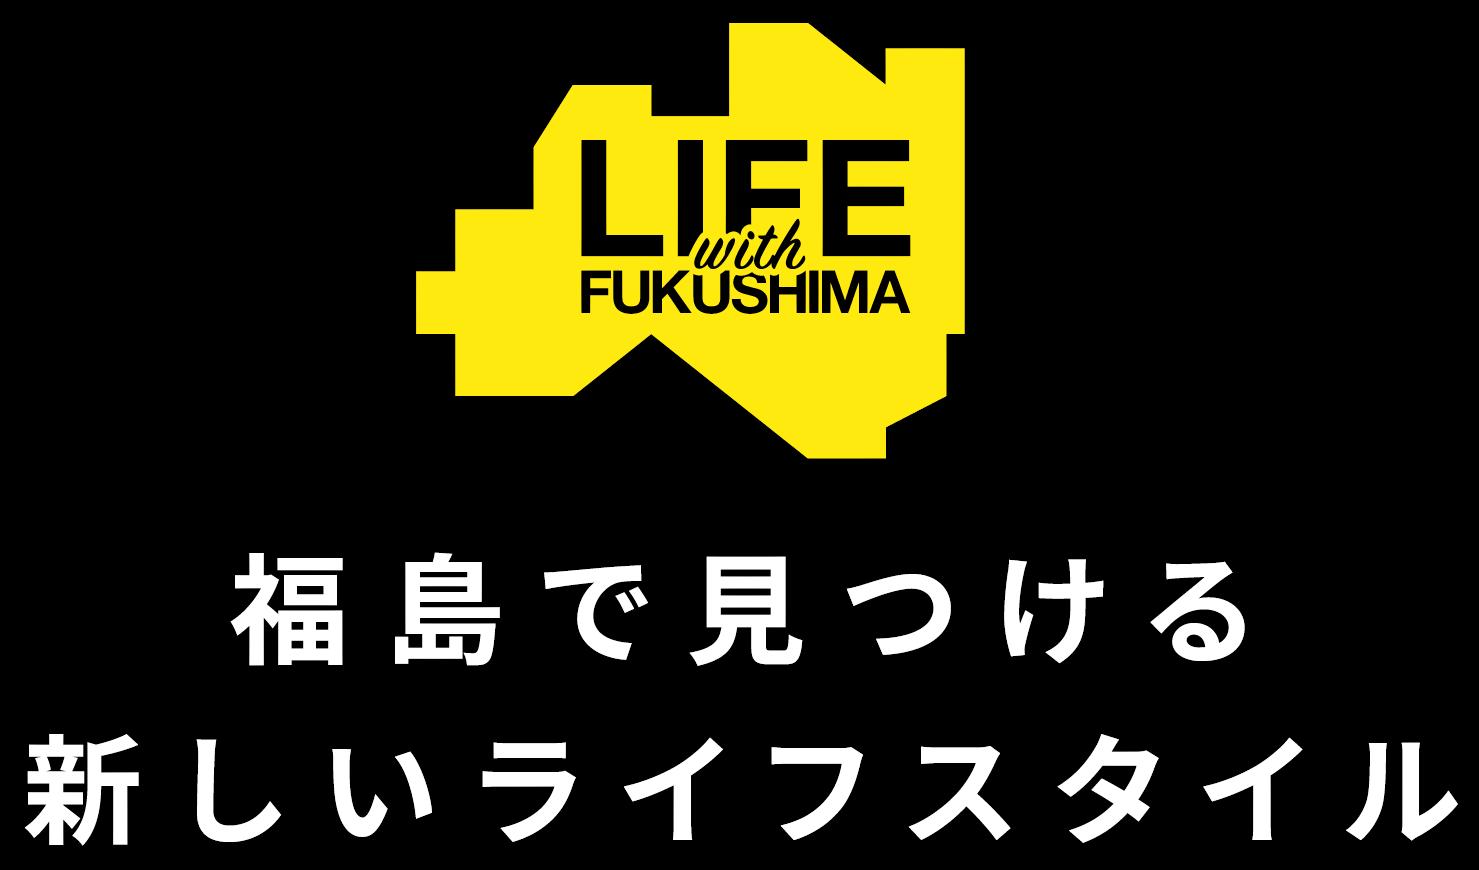 福島で見つける新しいライフスタイル